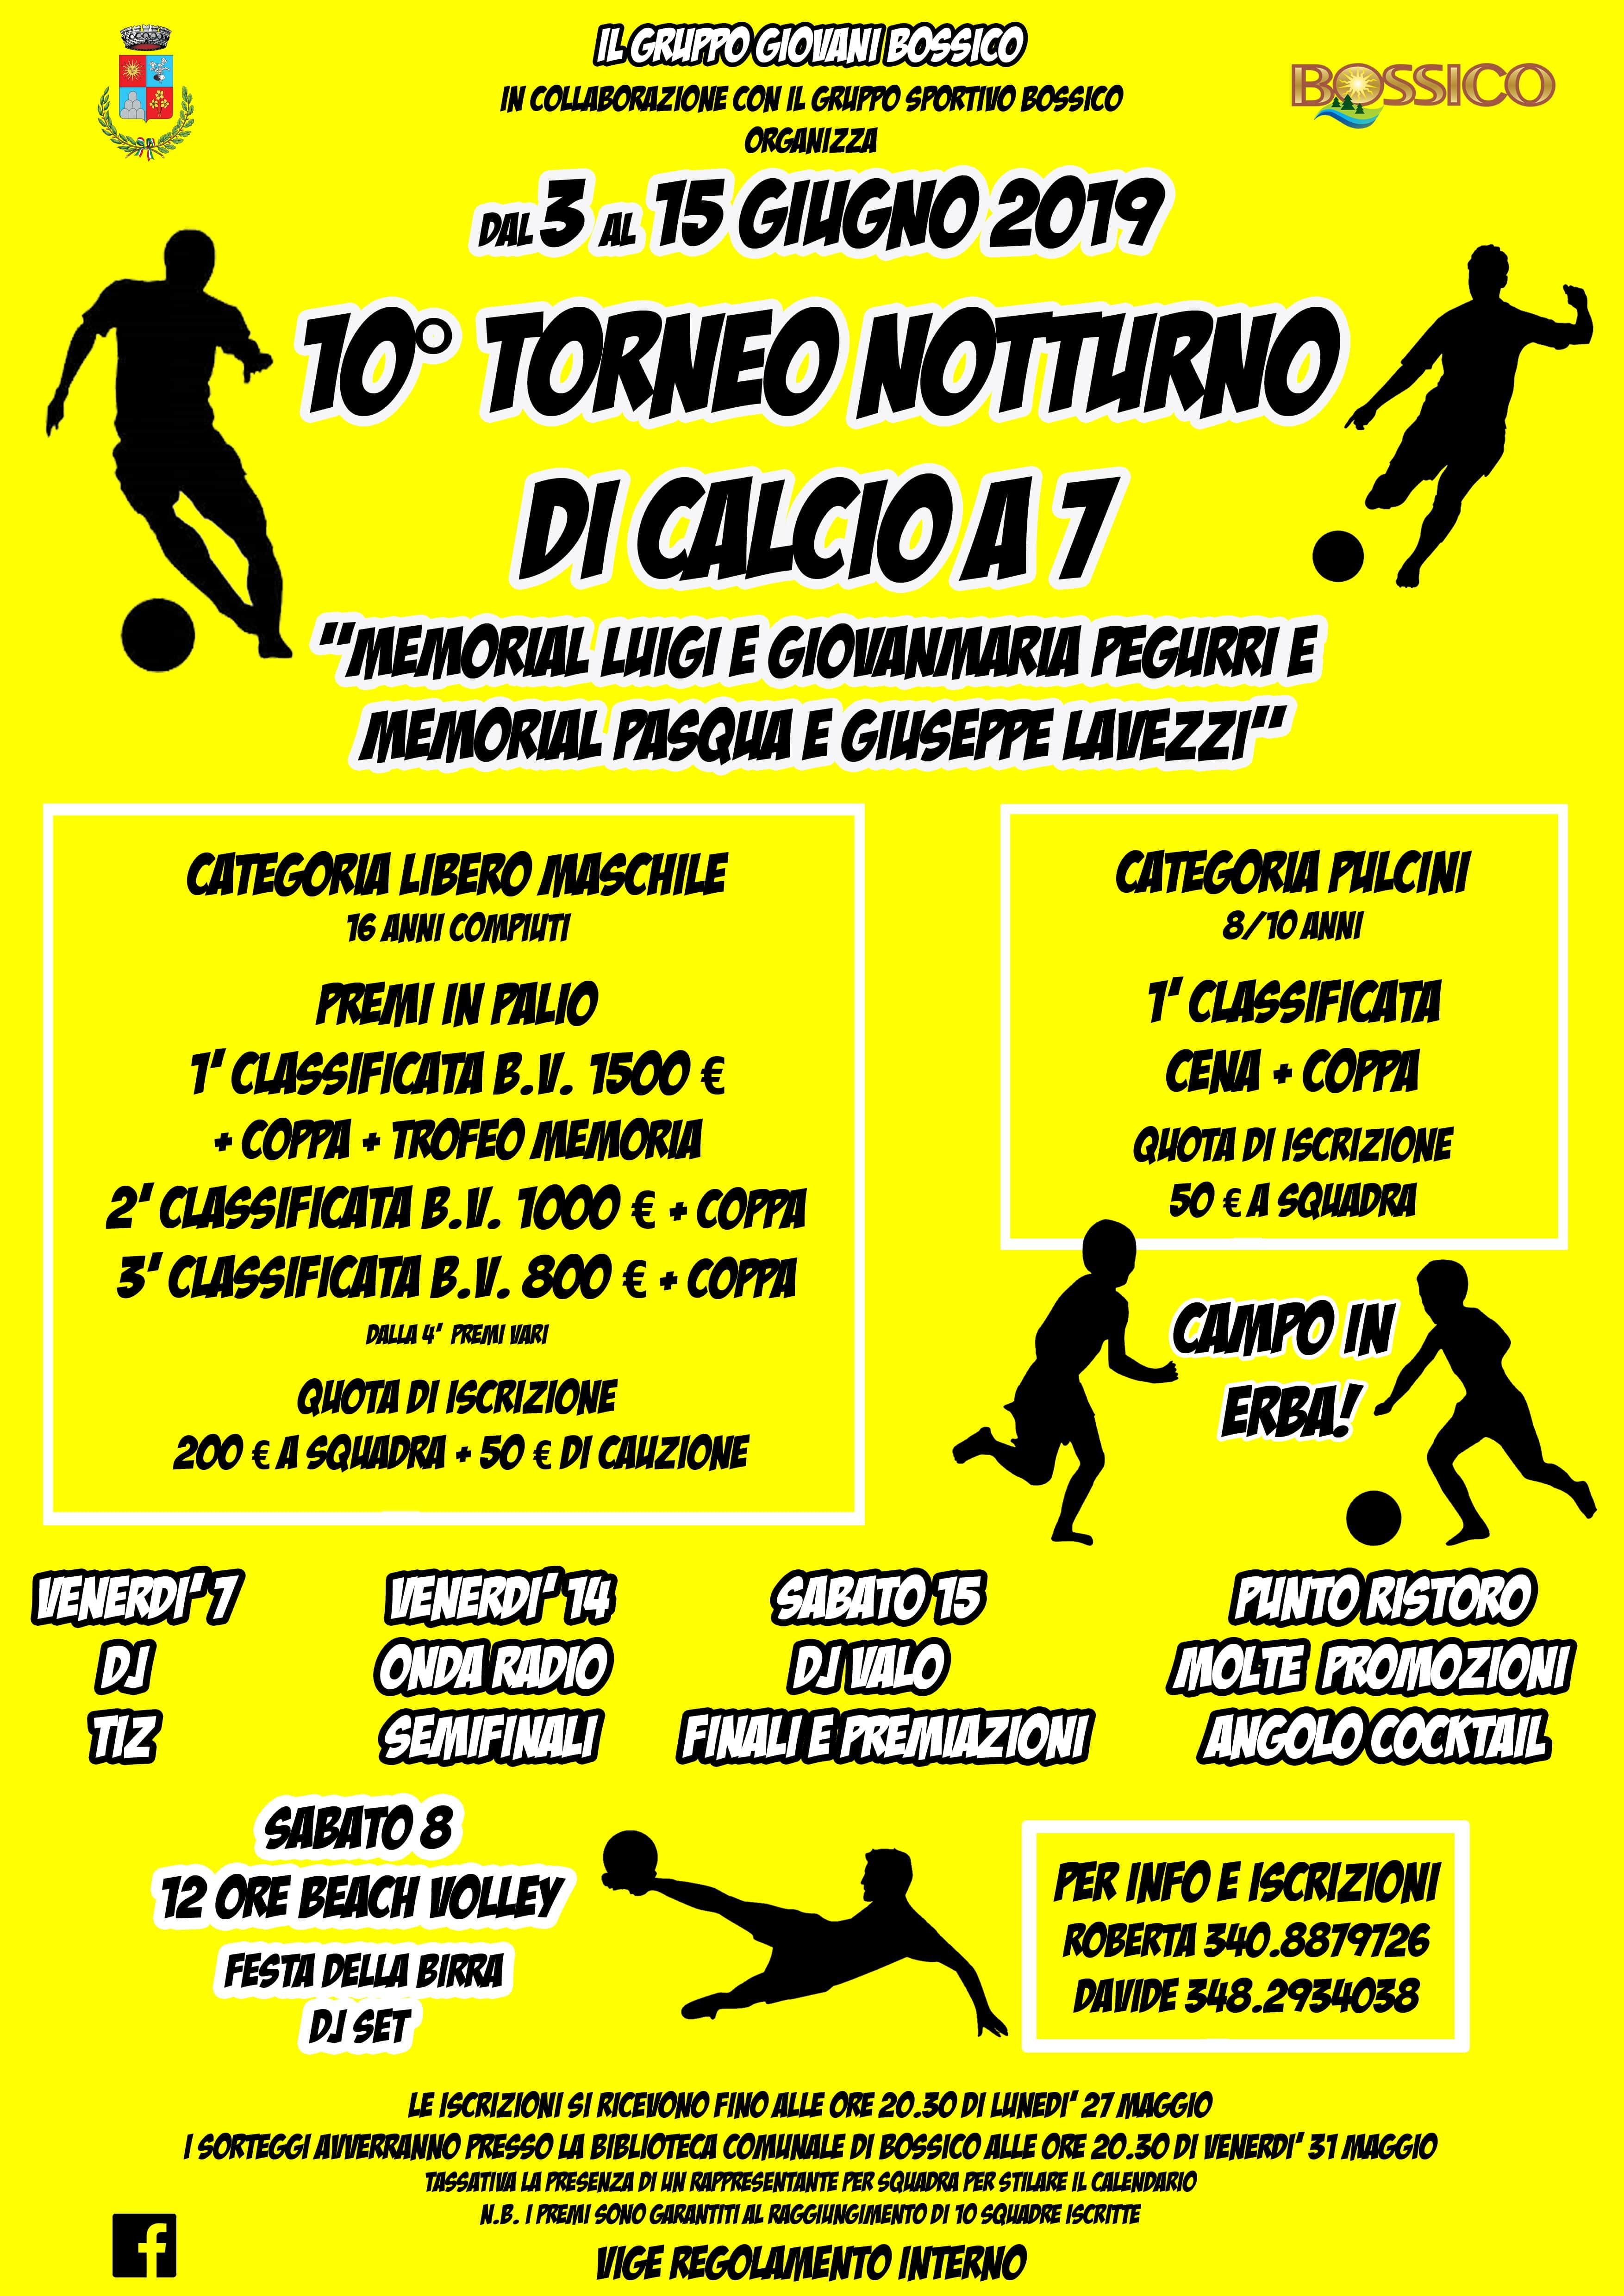 Calendario Torneo A 7 Squadre.10 Torneo Notturno Di Calcio A 7 Eppen